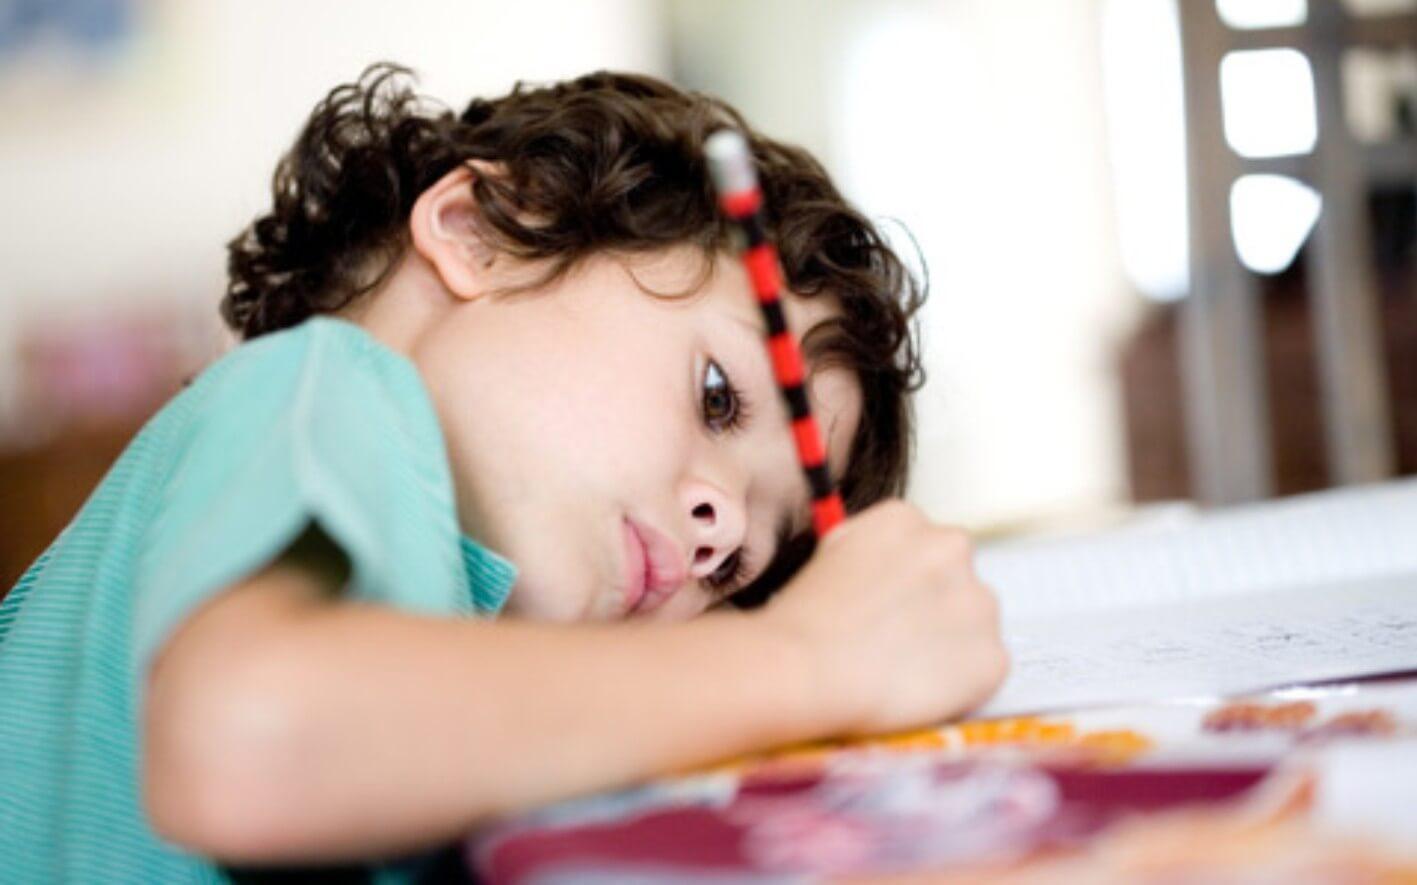 Molekinha escrever melhor que digitar - Precisamos aprender caligrafia cursiva?